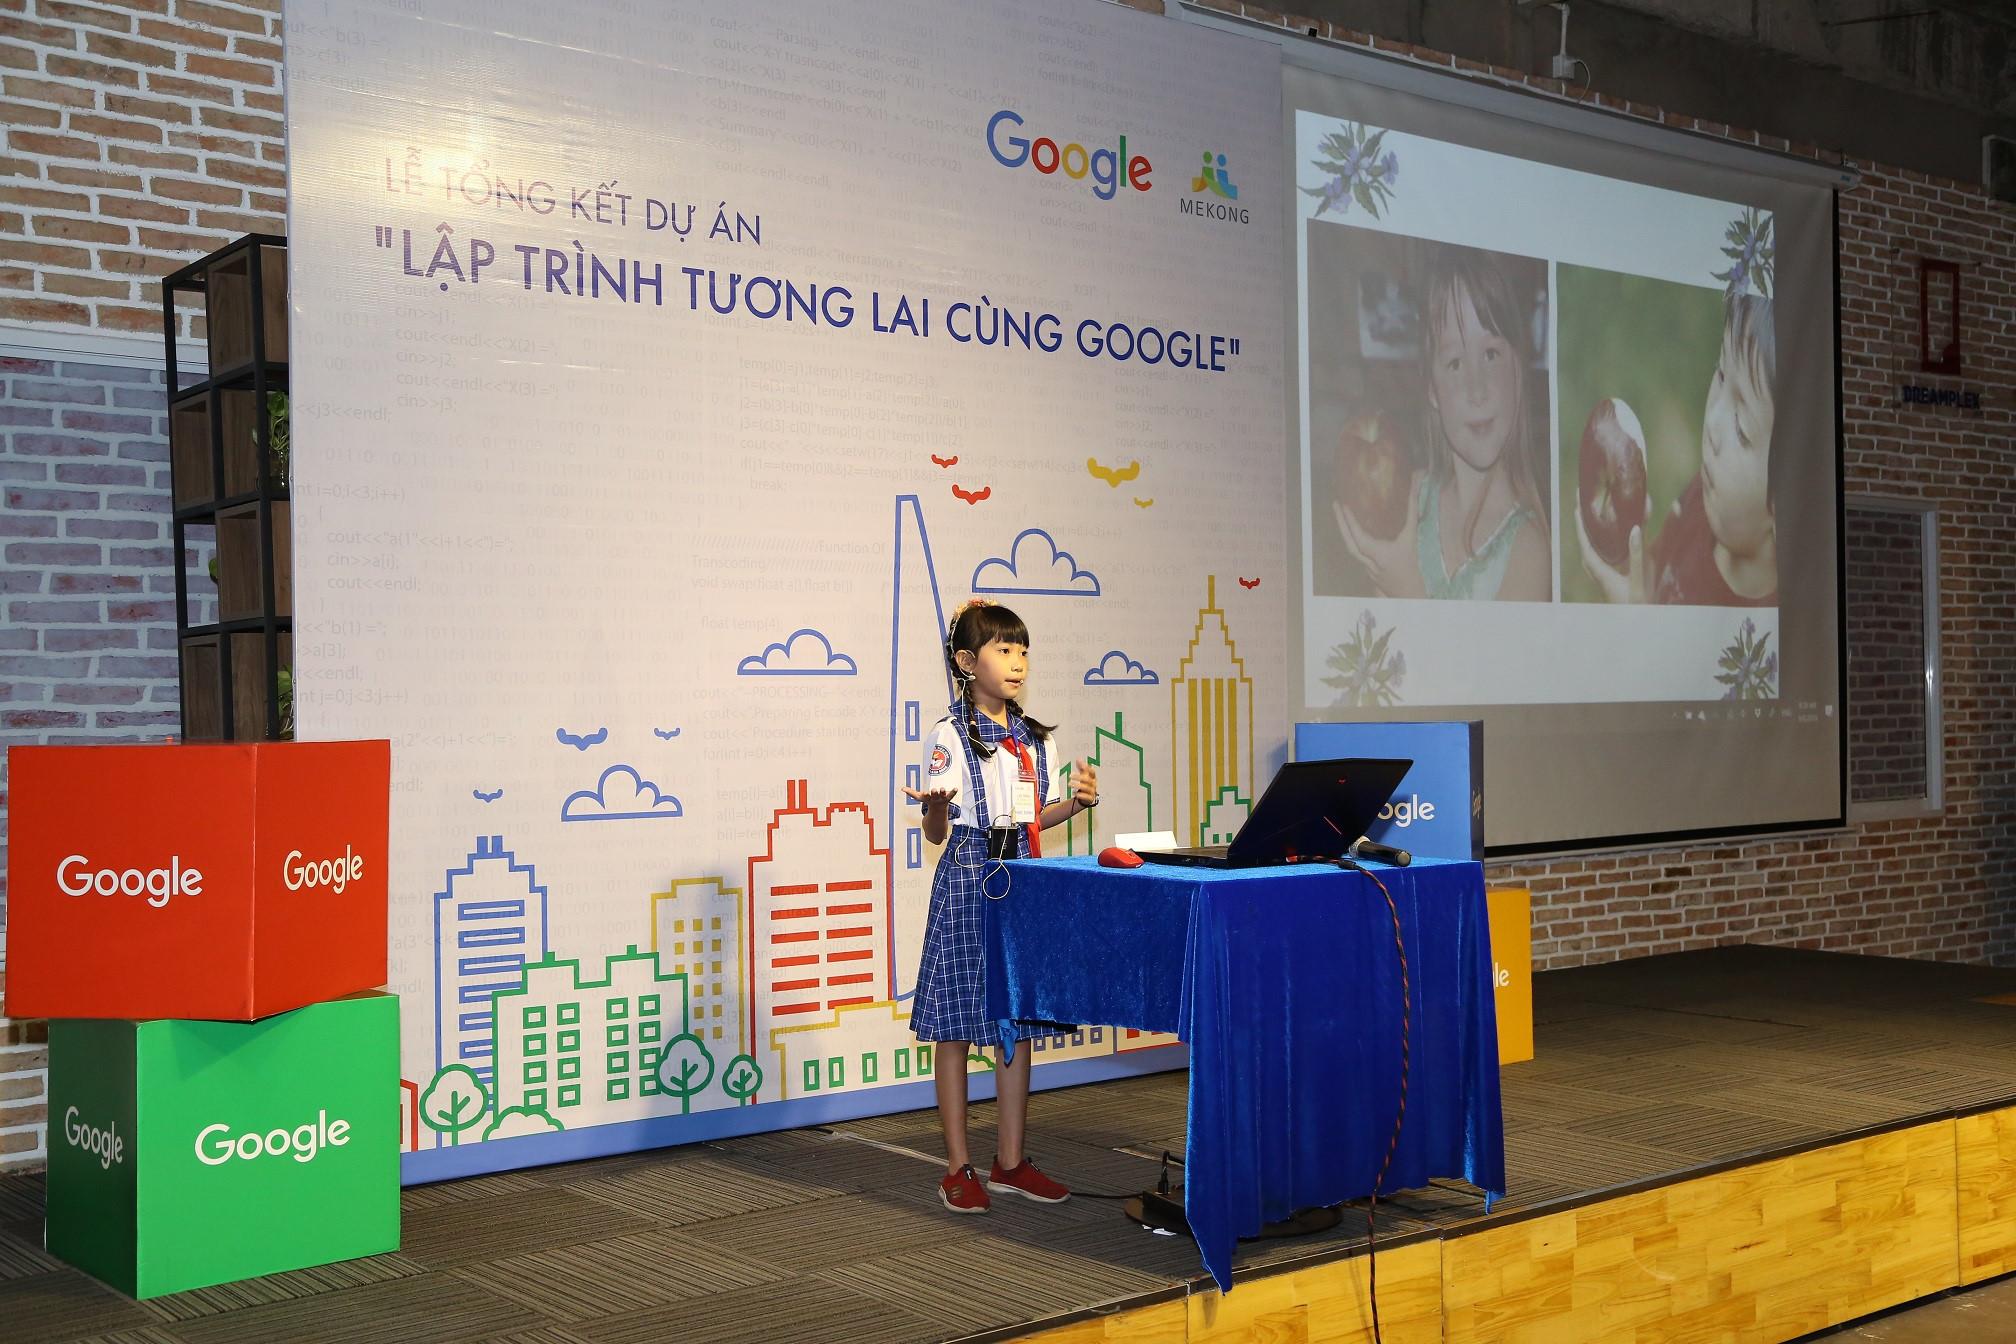 Lập trình viên nhí Việt Nam giành suất đến Google